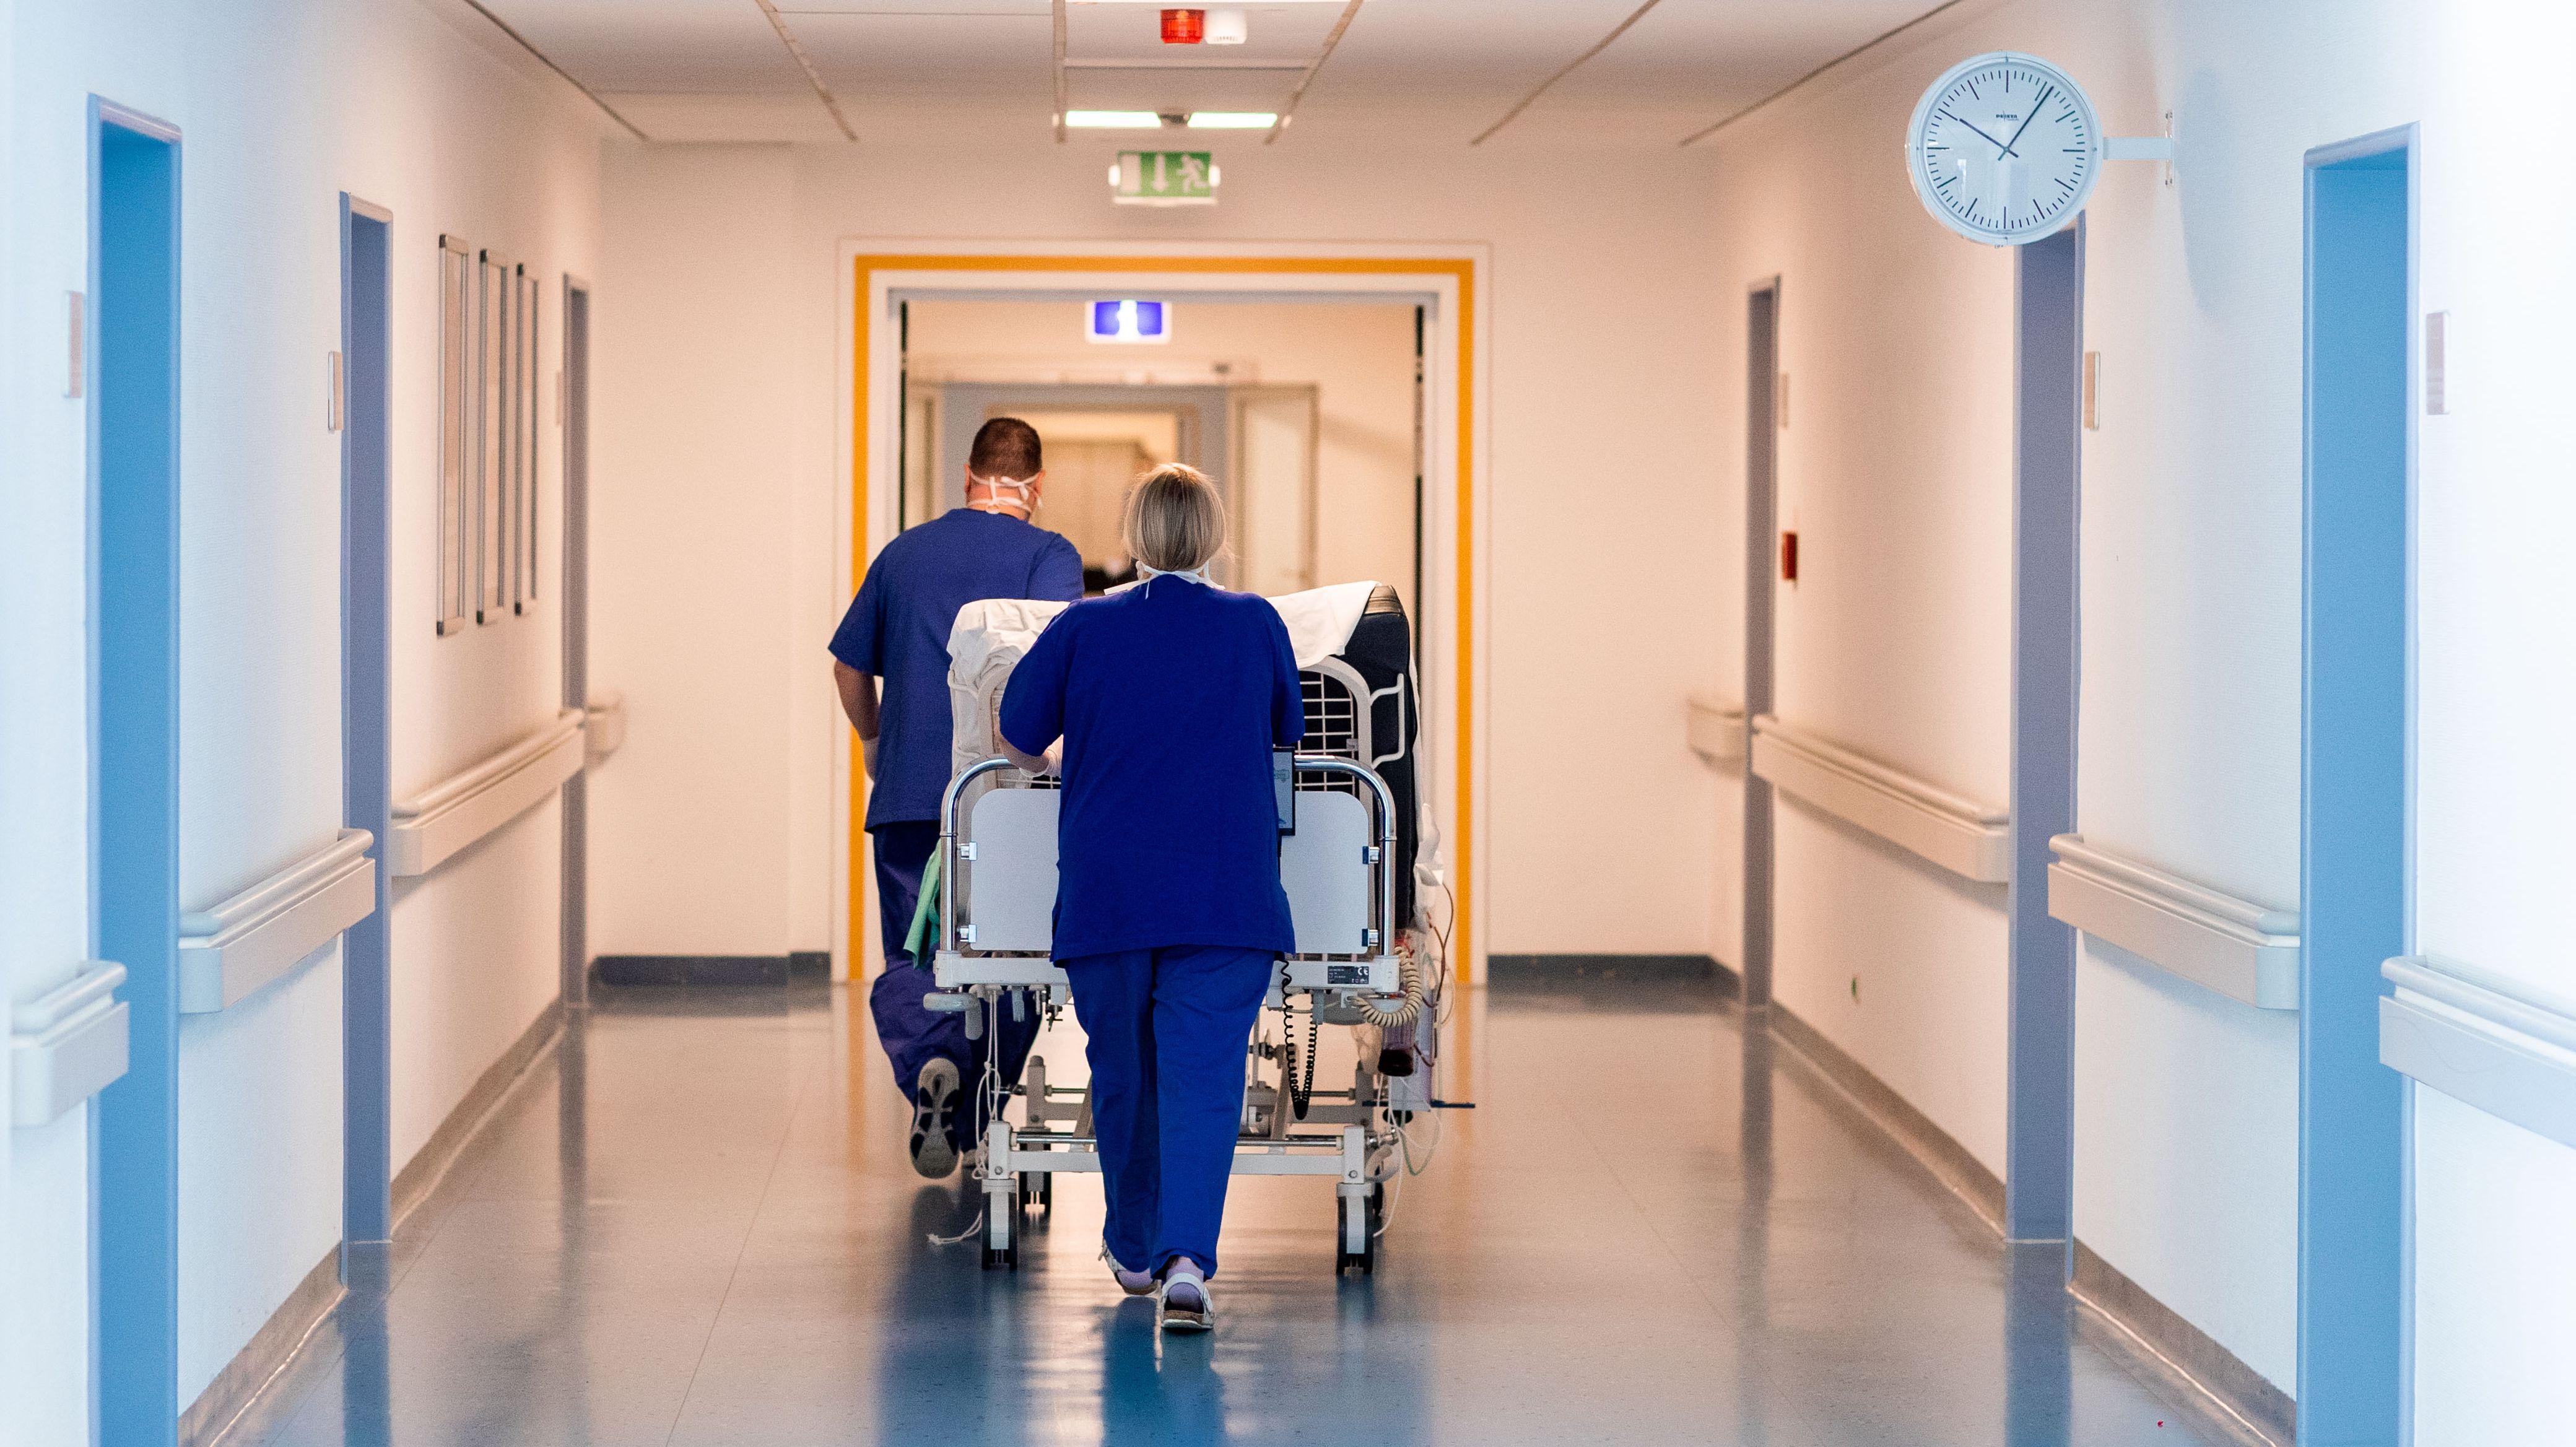 Klinikpersonal schiebt ein Krankenbett